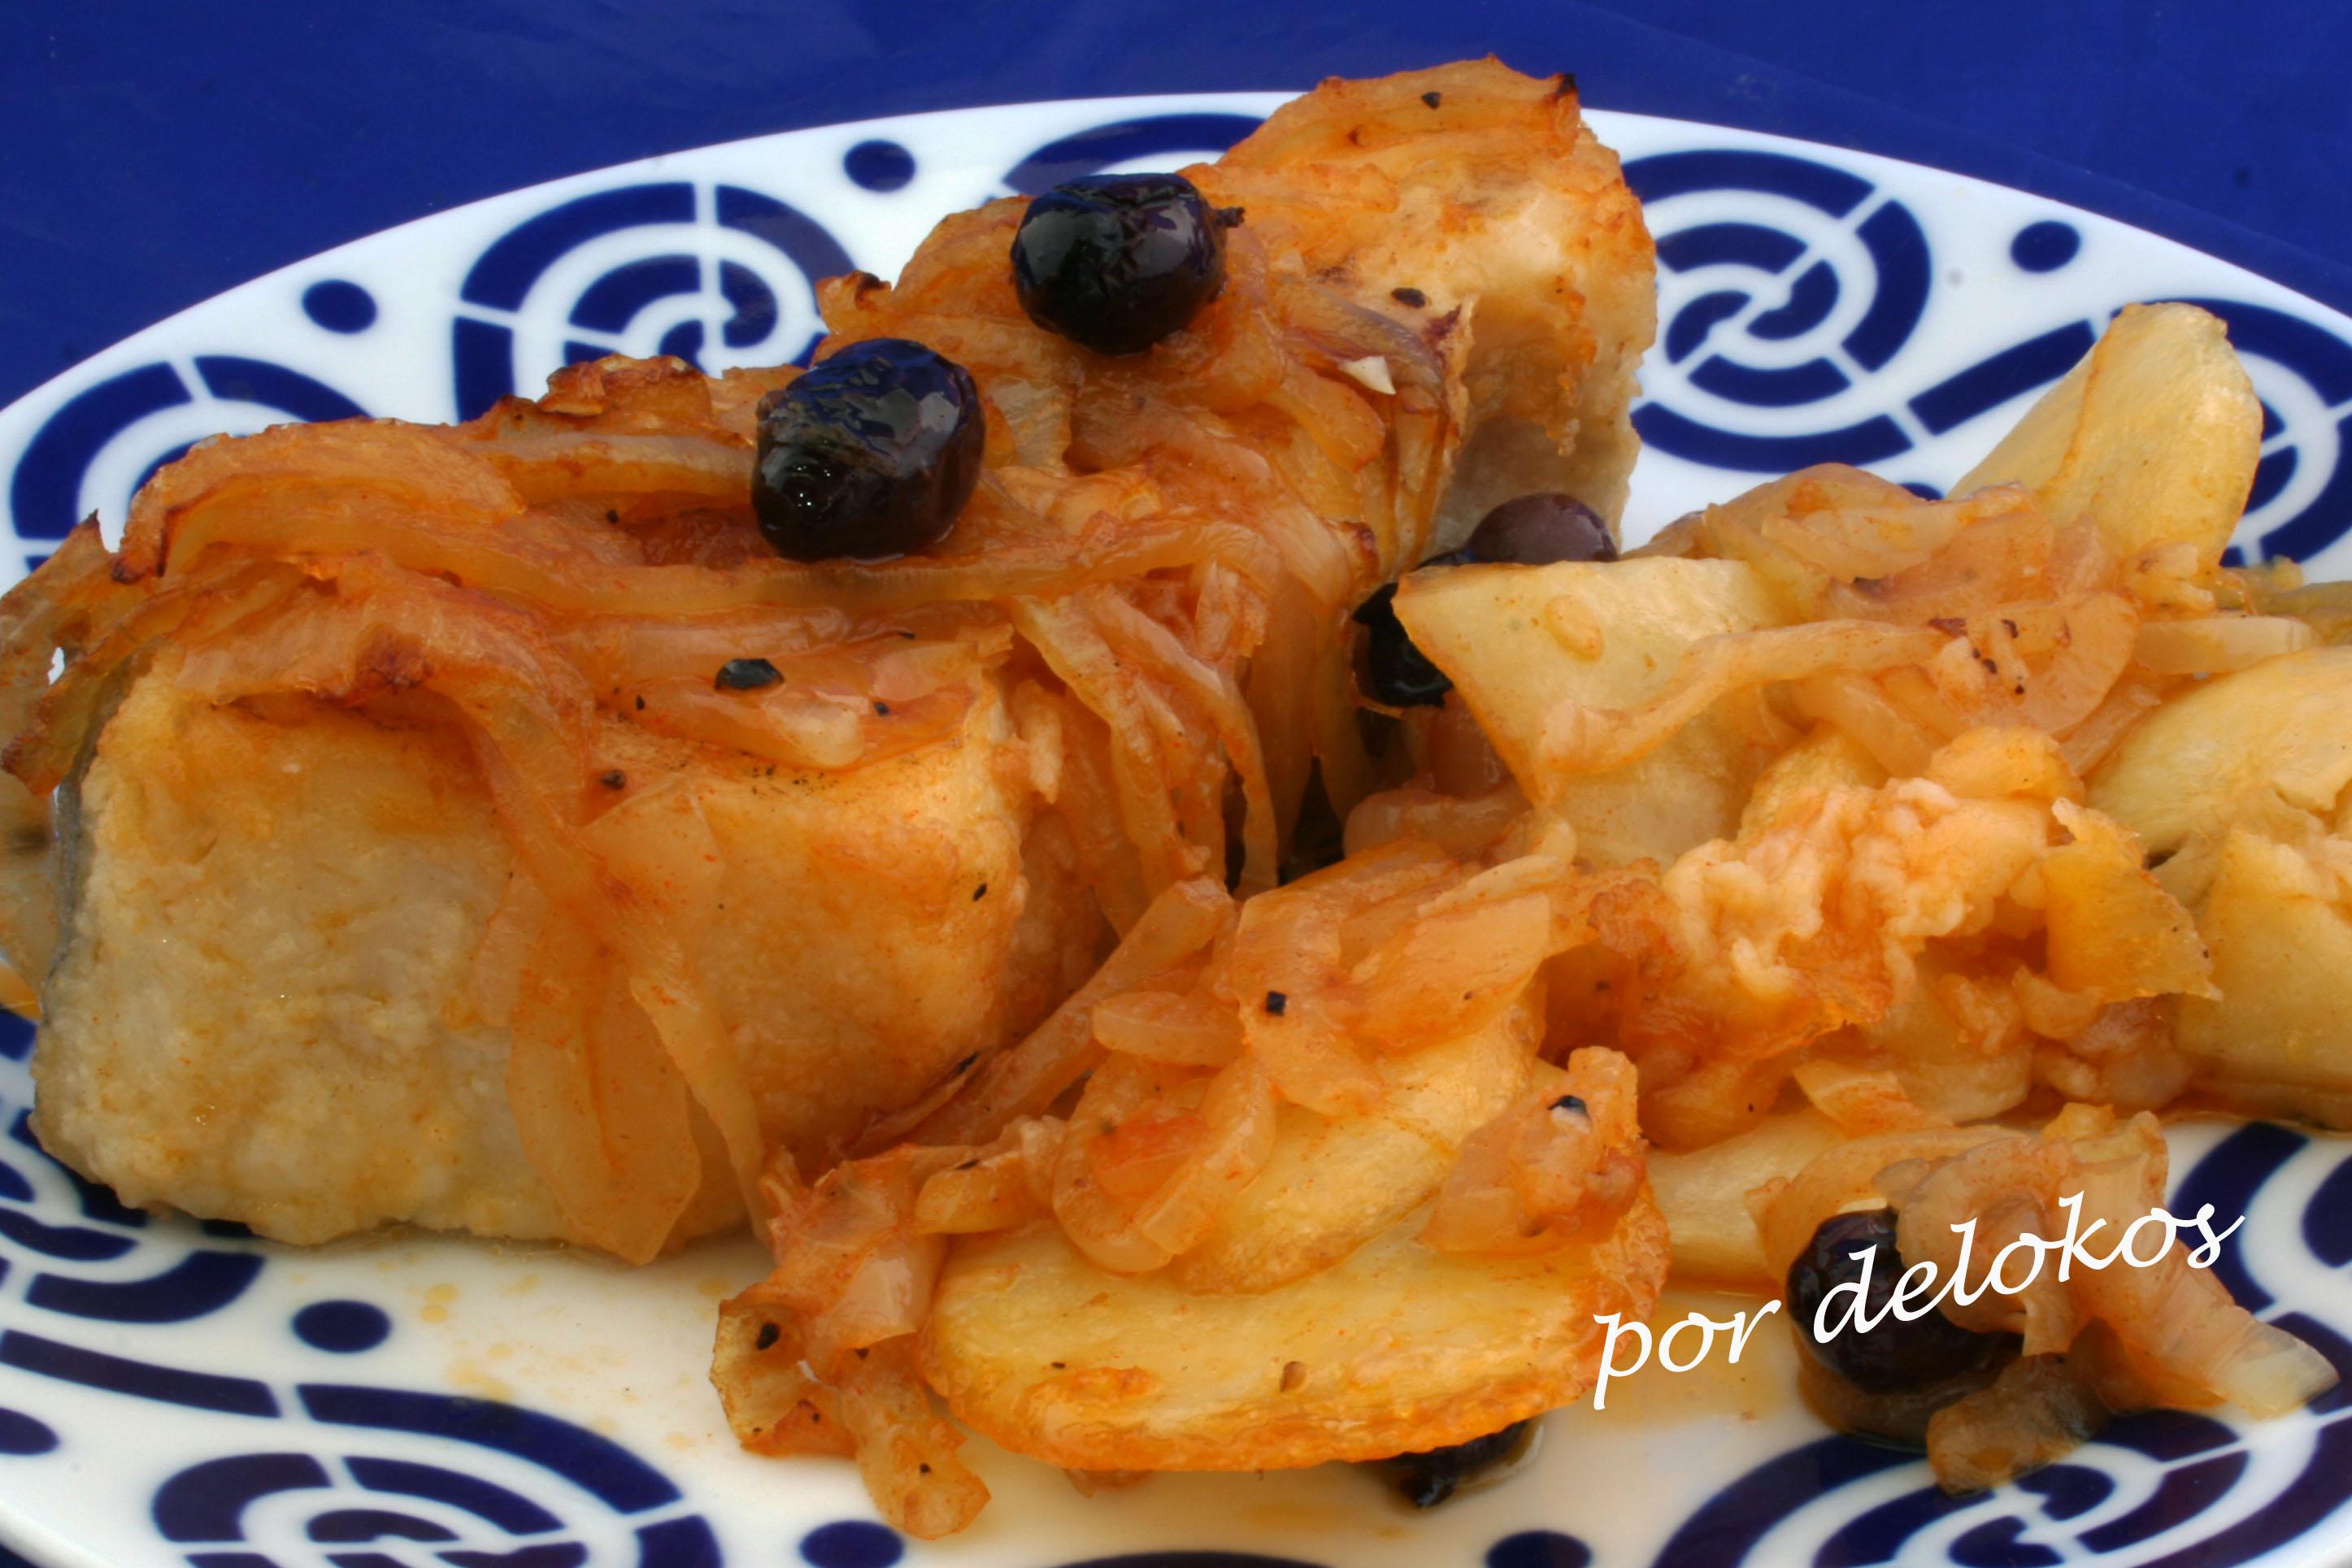 Bacalao al horno a la portuguesa delokos for Como cocinar lomos de bacalao